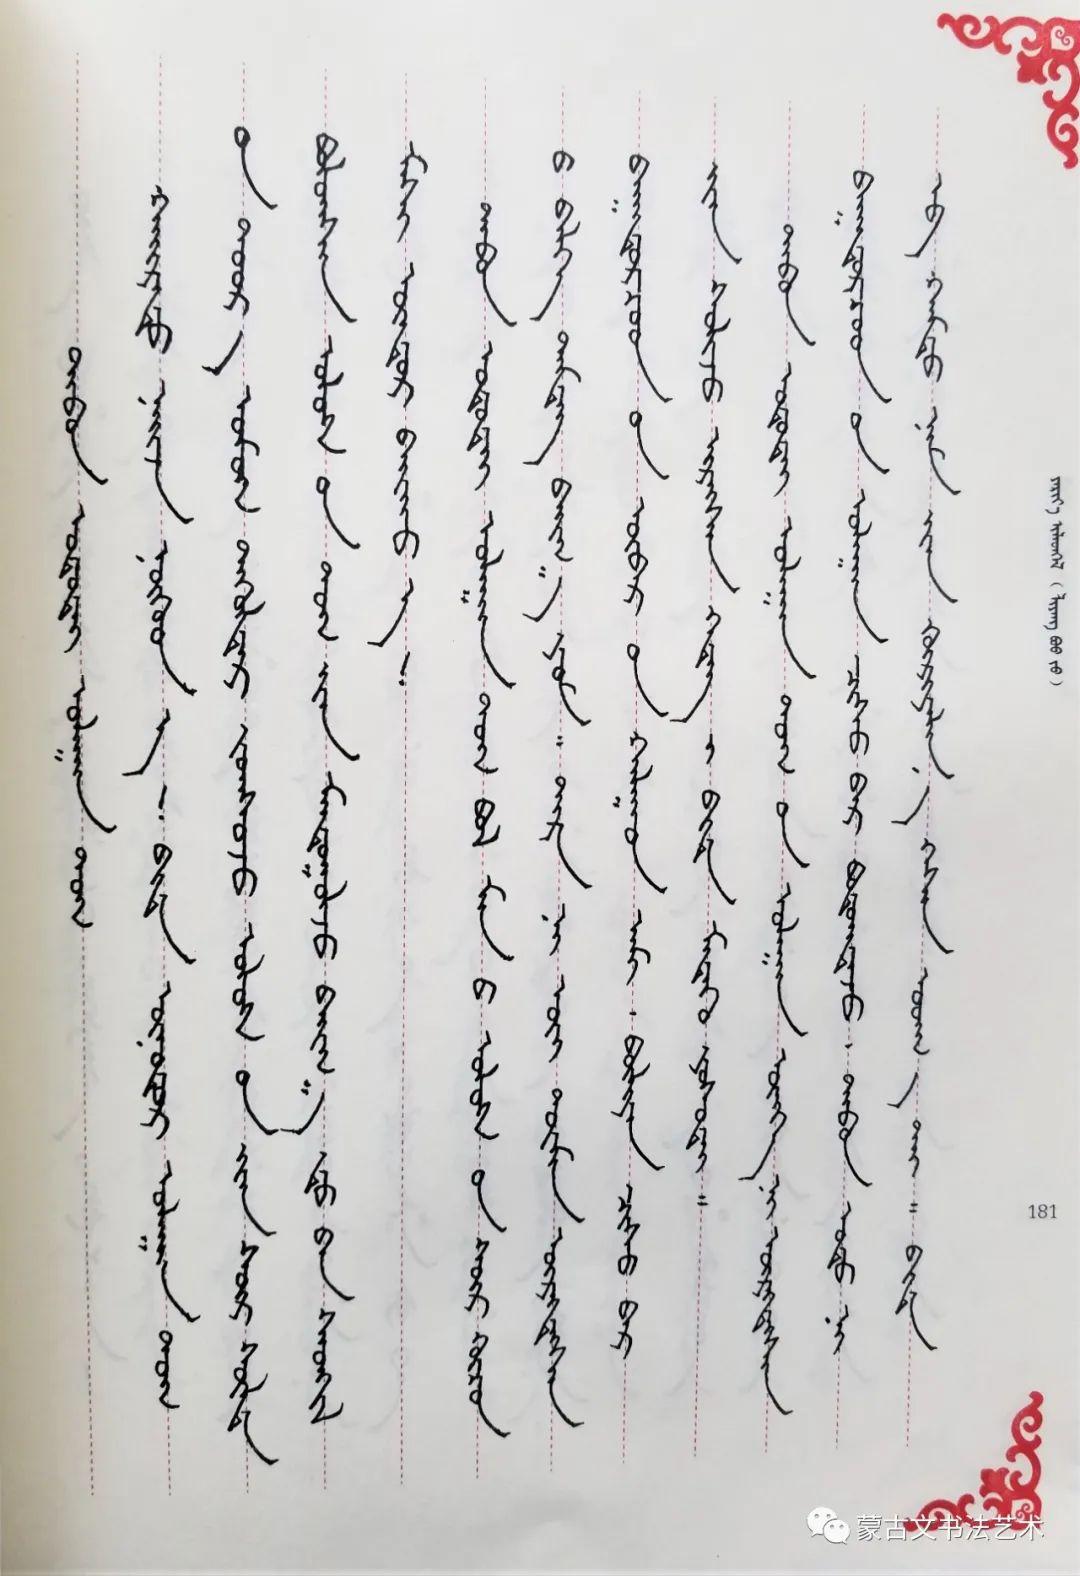 奈曼旗蒙古族实验小学十人《蒙古文钢笔规范字》 第61张 奈曼旗蒙古族实验小学十人《蒙古文钢笔规范字》 蒙古书法